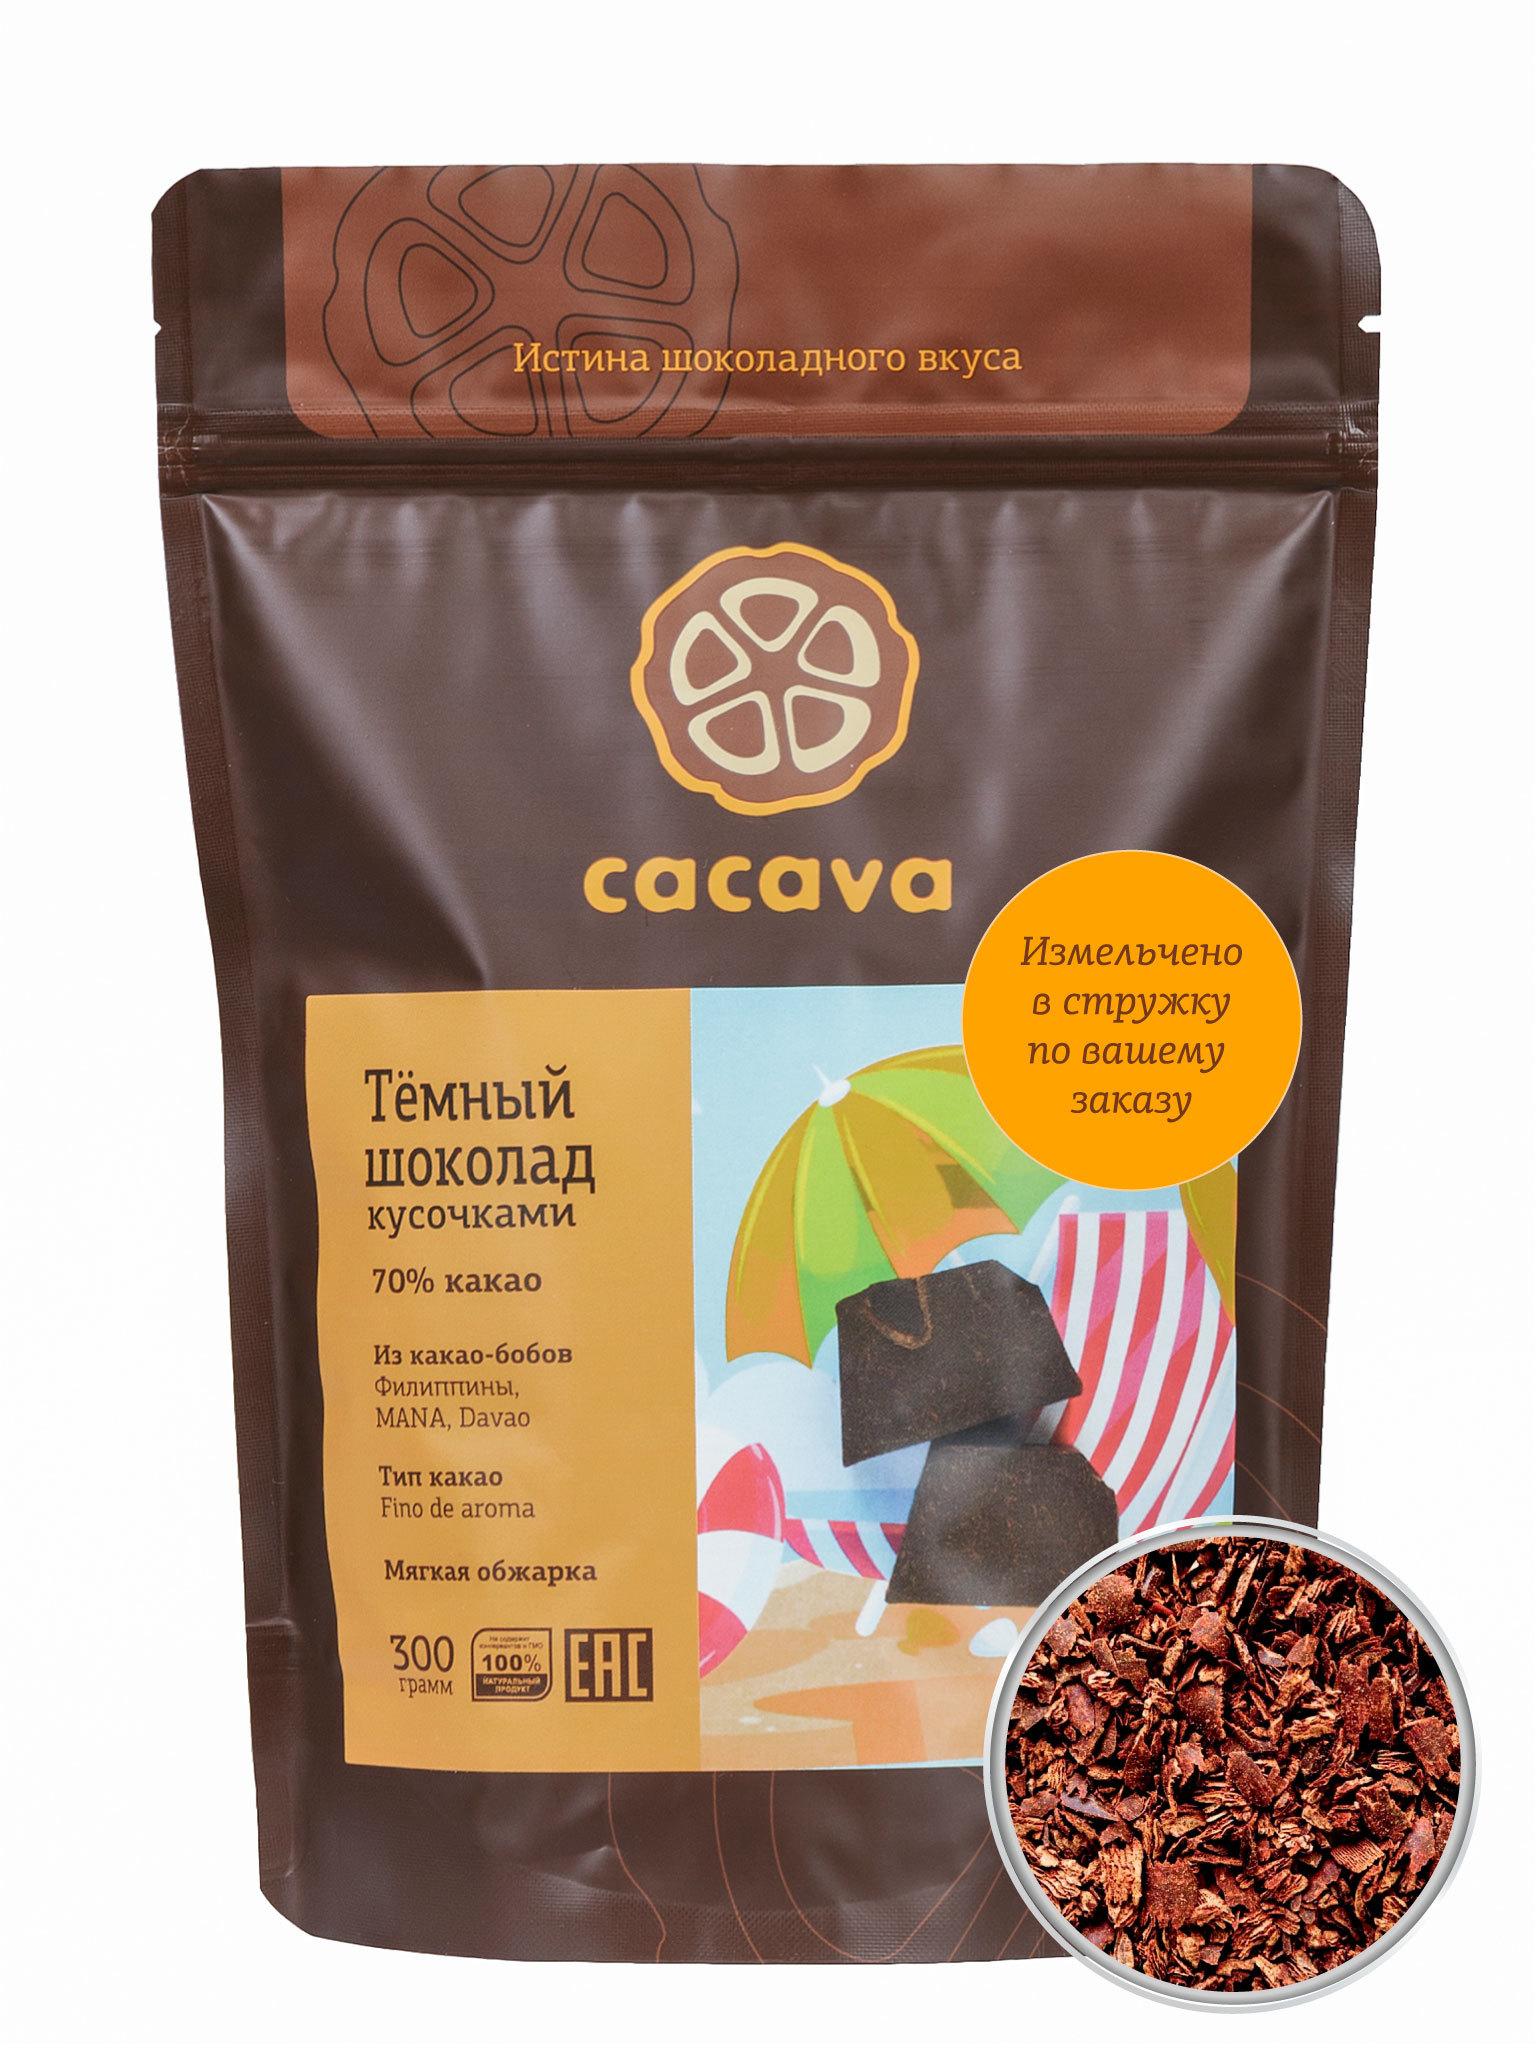 Тёмный шоколад 70 % какао в стружке (Филиппины, MANA), упаковка 300 грамм